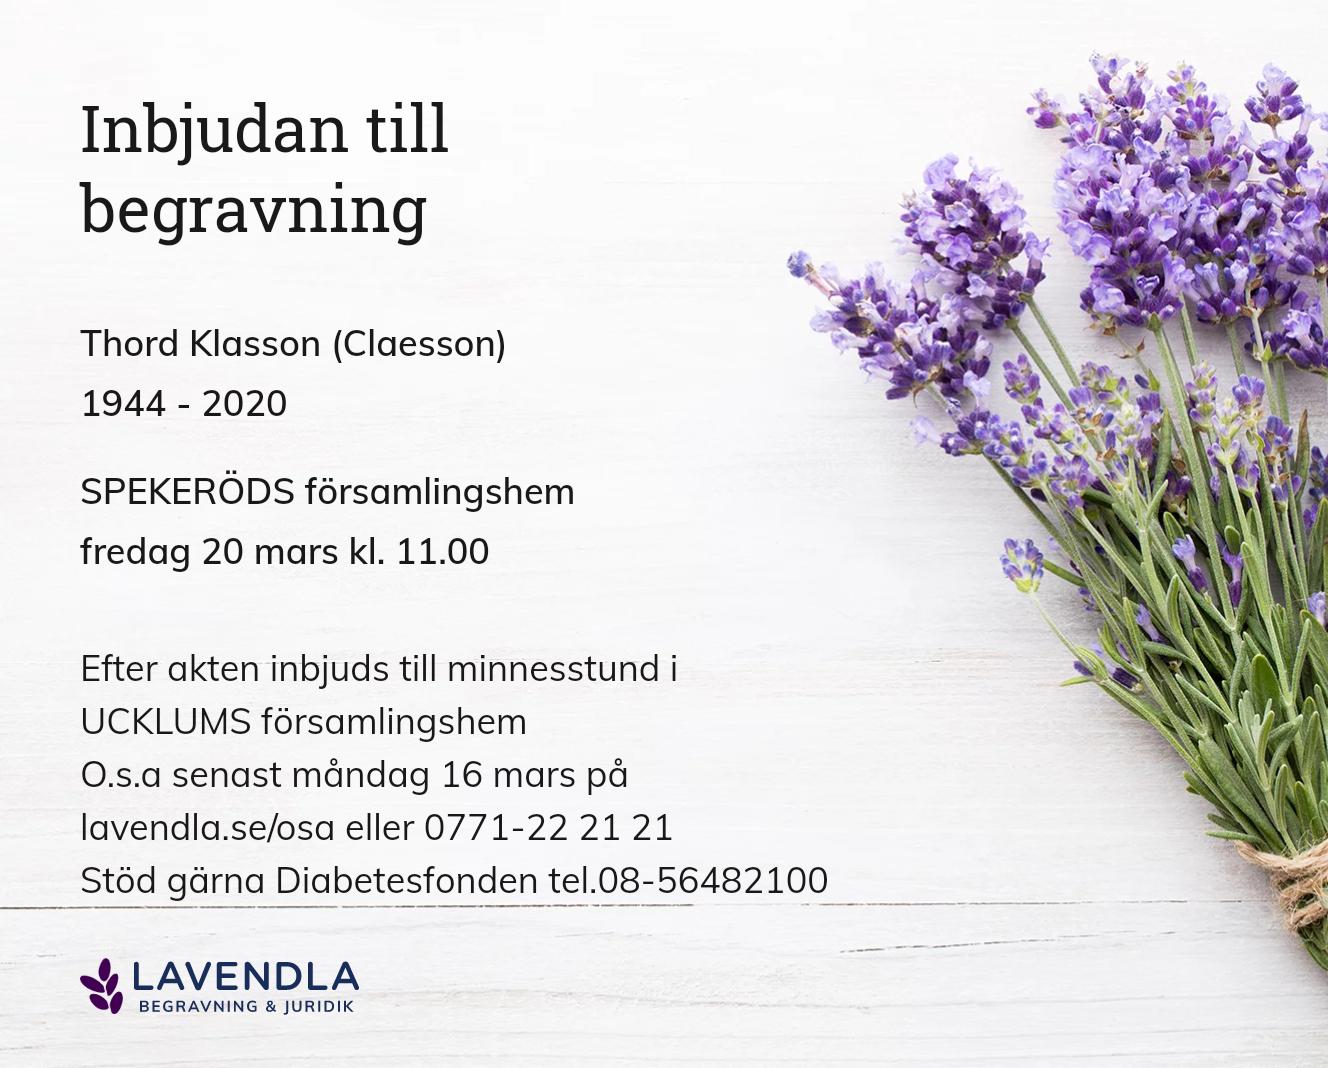 Inbjudningskort till ceremonin för Thord Klasson (Claesson)